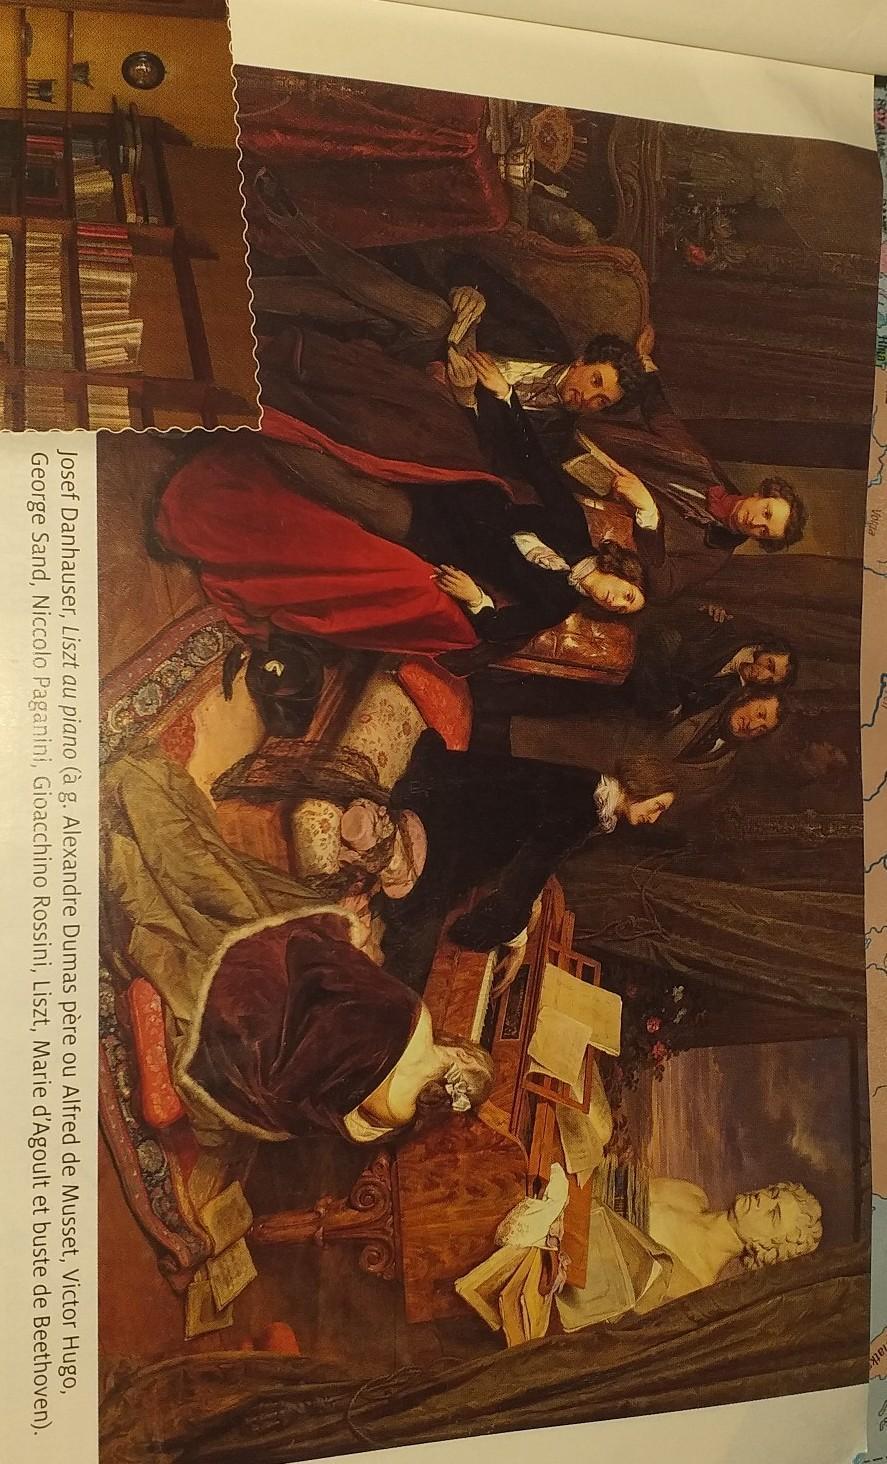 Bonjoourr 1 Selon George Sand Qu Est Ce Qu Il Fait De L Ecriture De Soi Un Travail Penible Un Nosdevoirs Fr